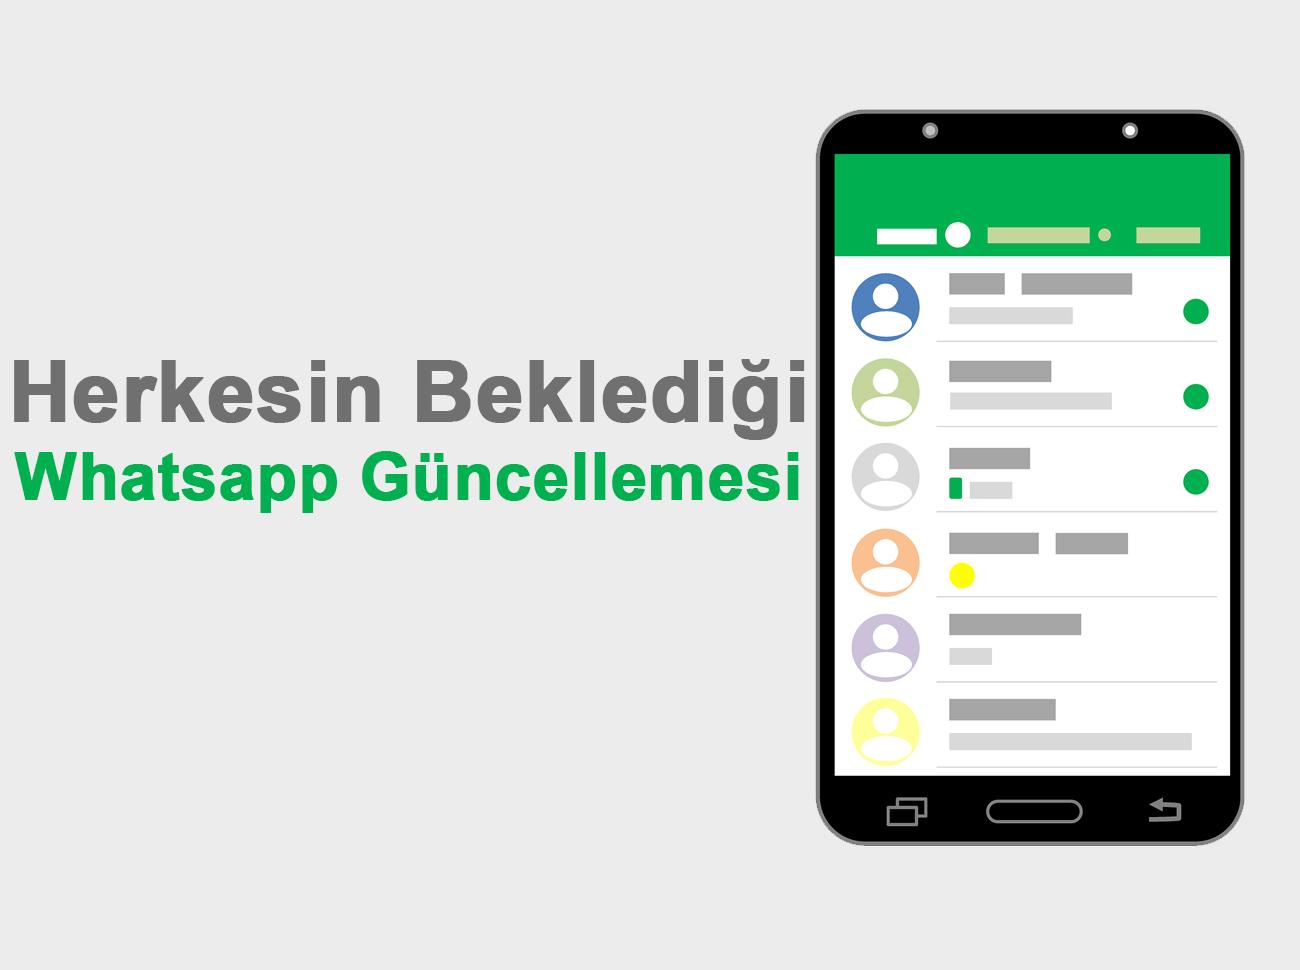 WhatsApp'tan Herkesi Sevindirecek 2 Yeni Güncelleme